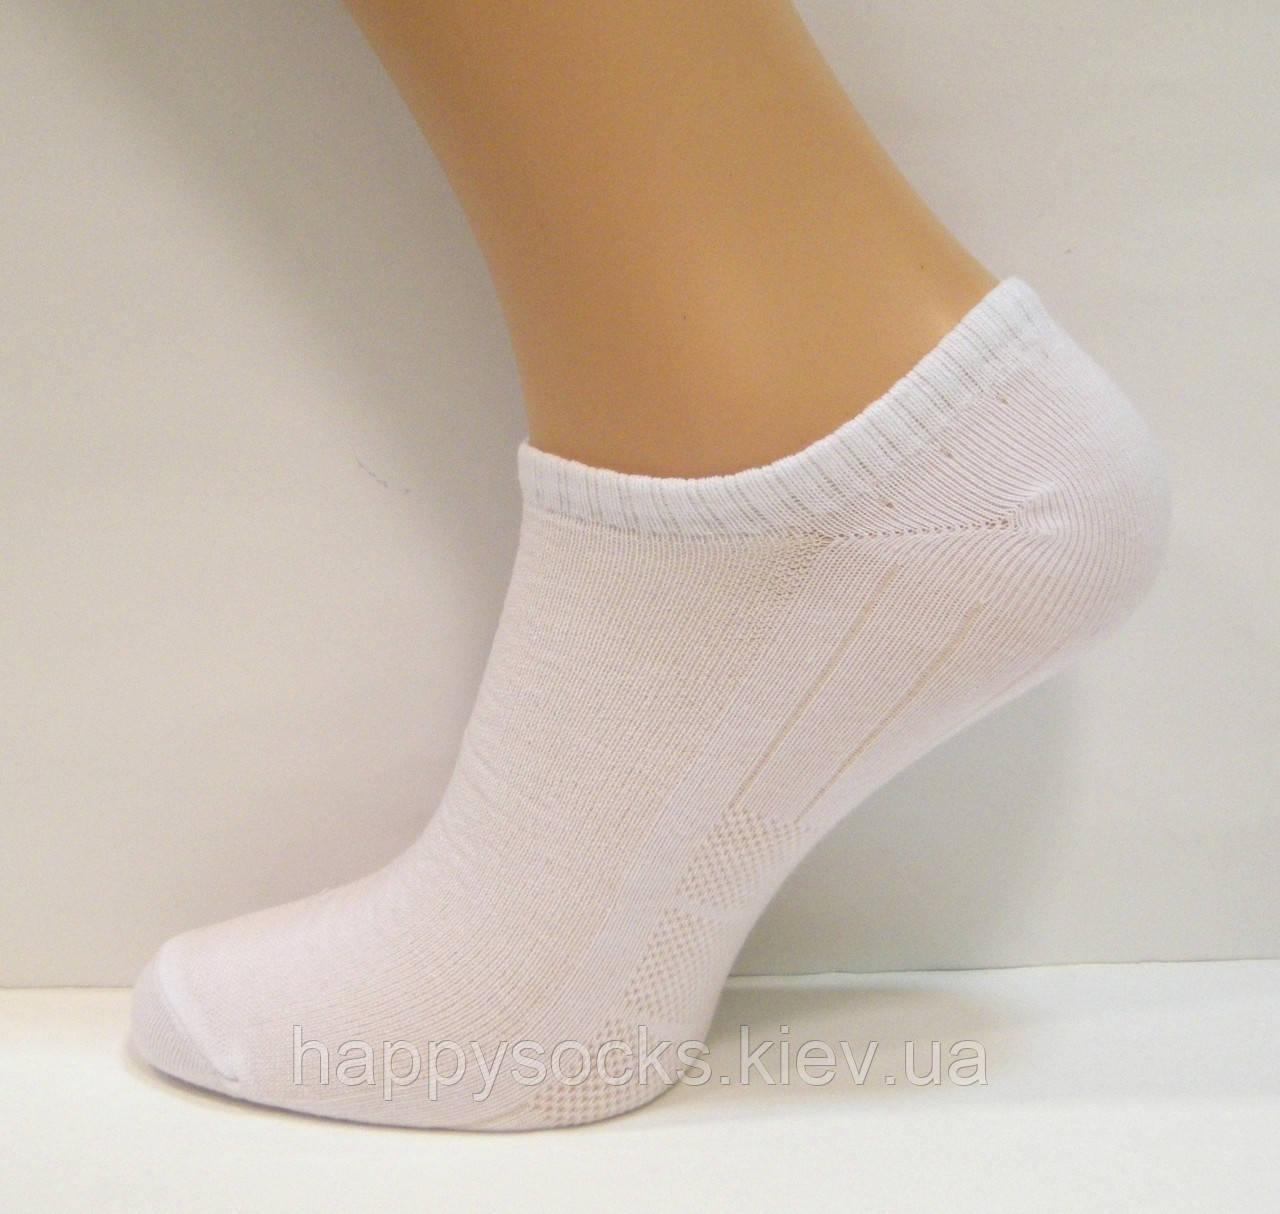 Короткие носки в сетку мужские белого цвета